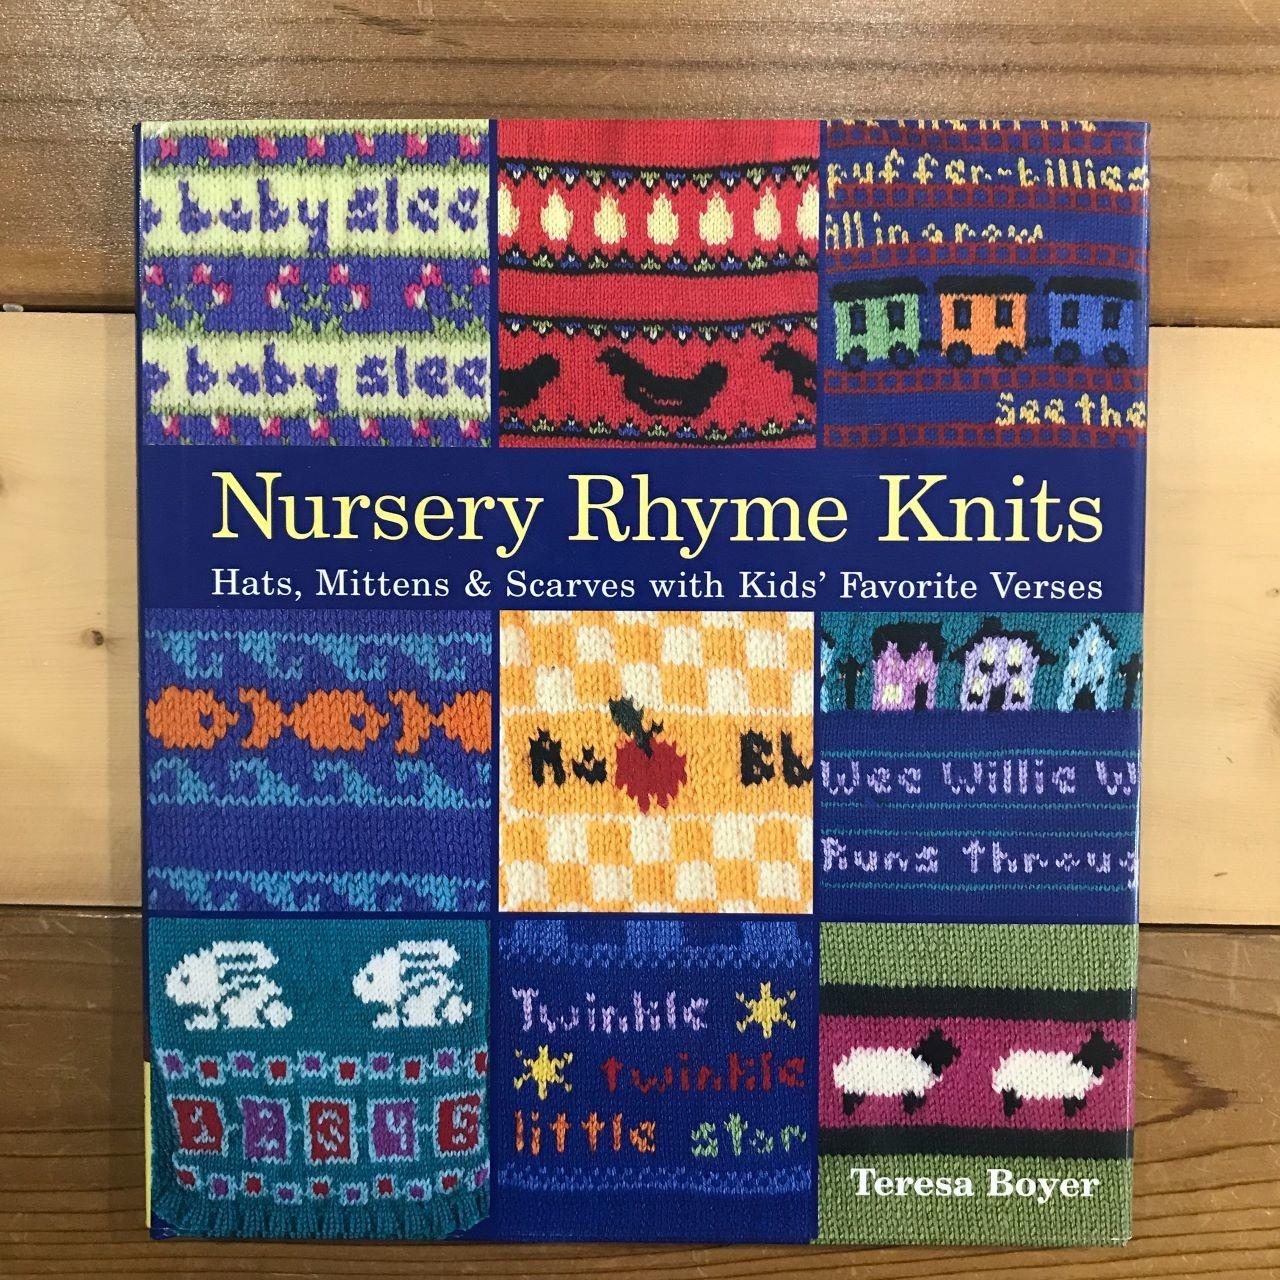 Nursery Rhyme Knits